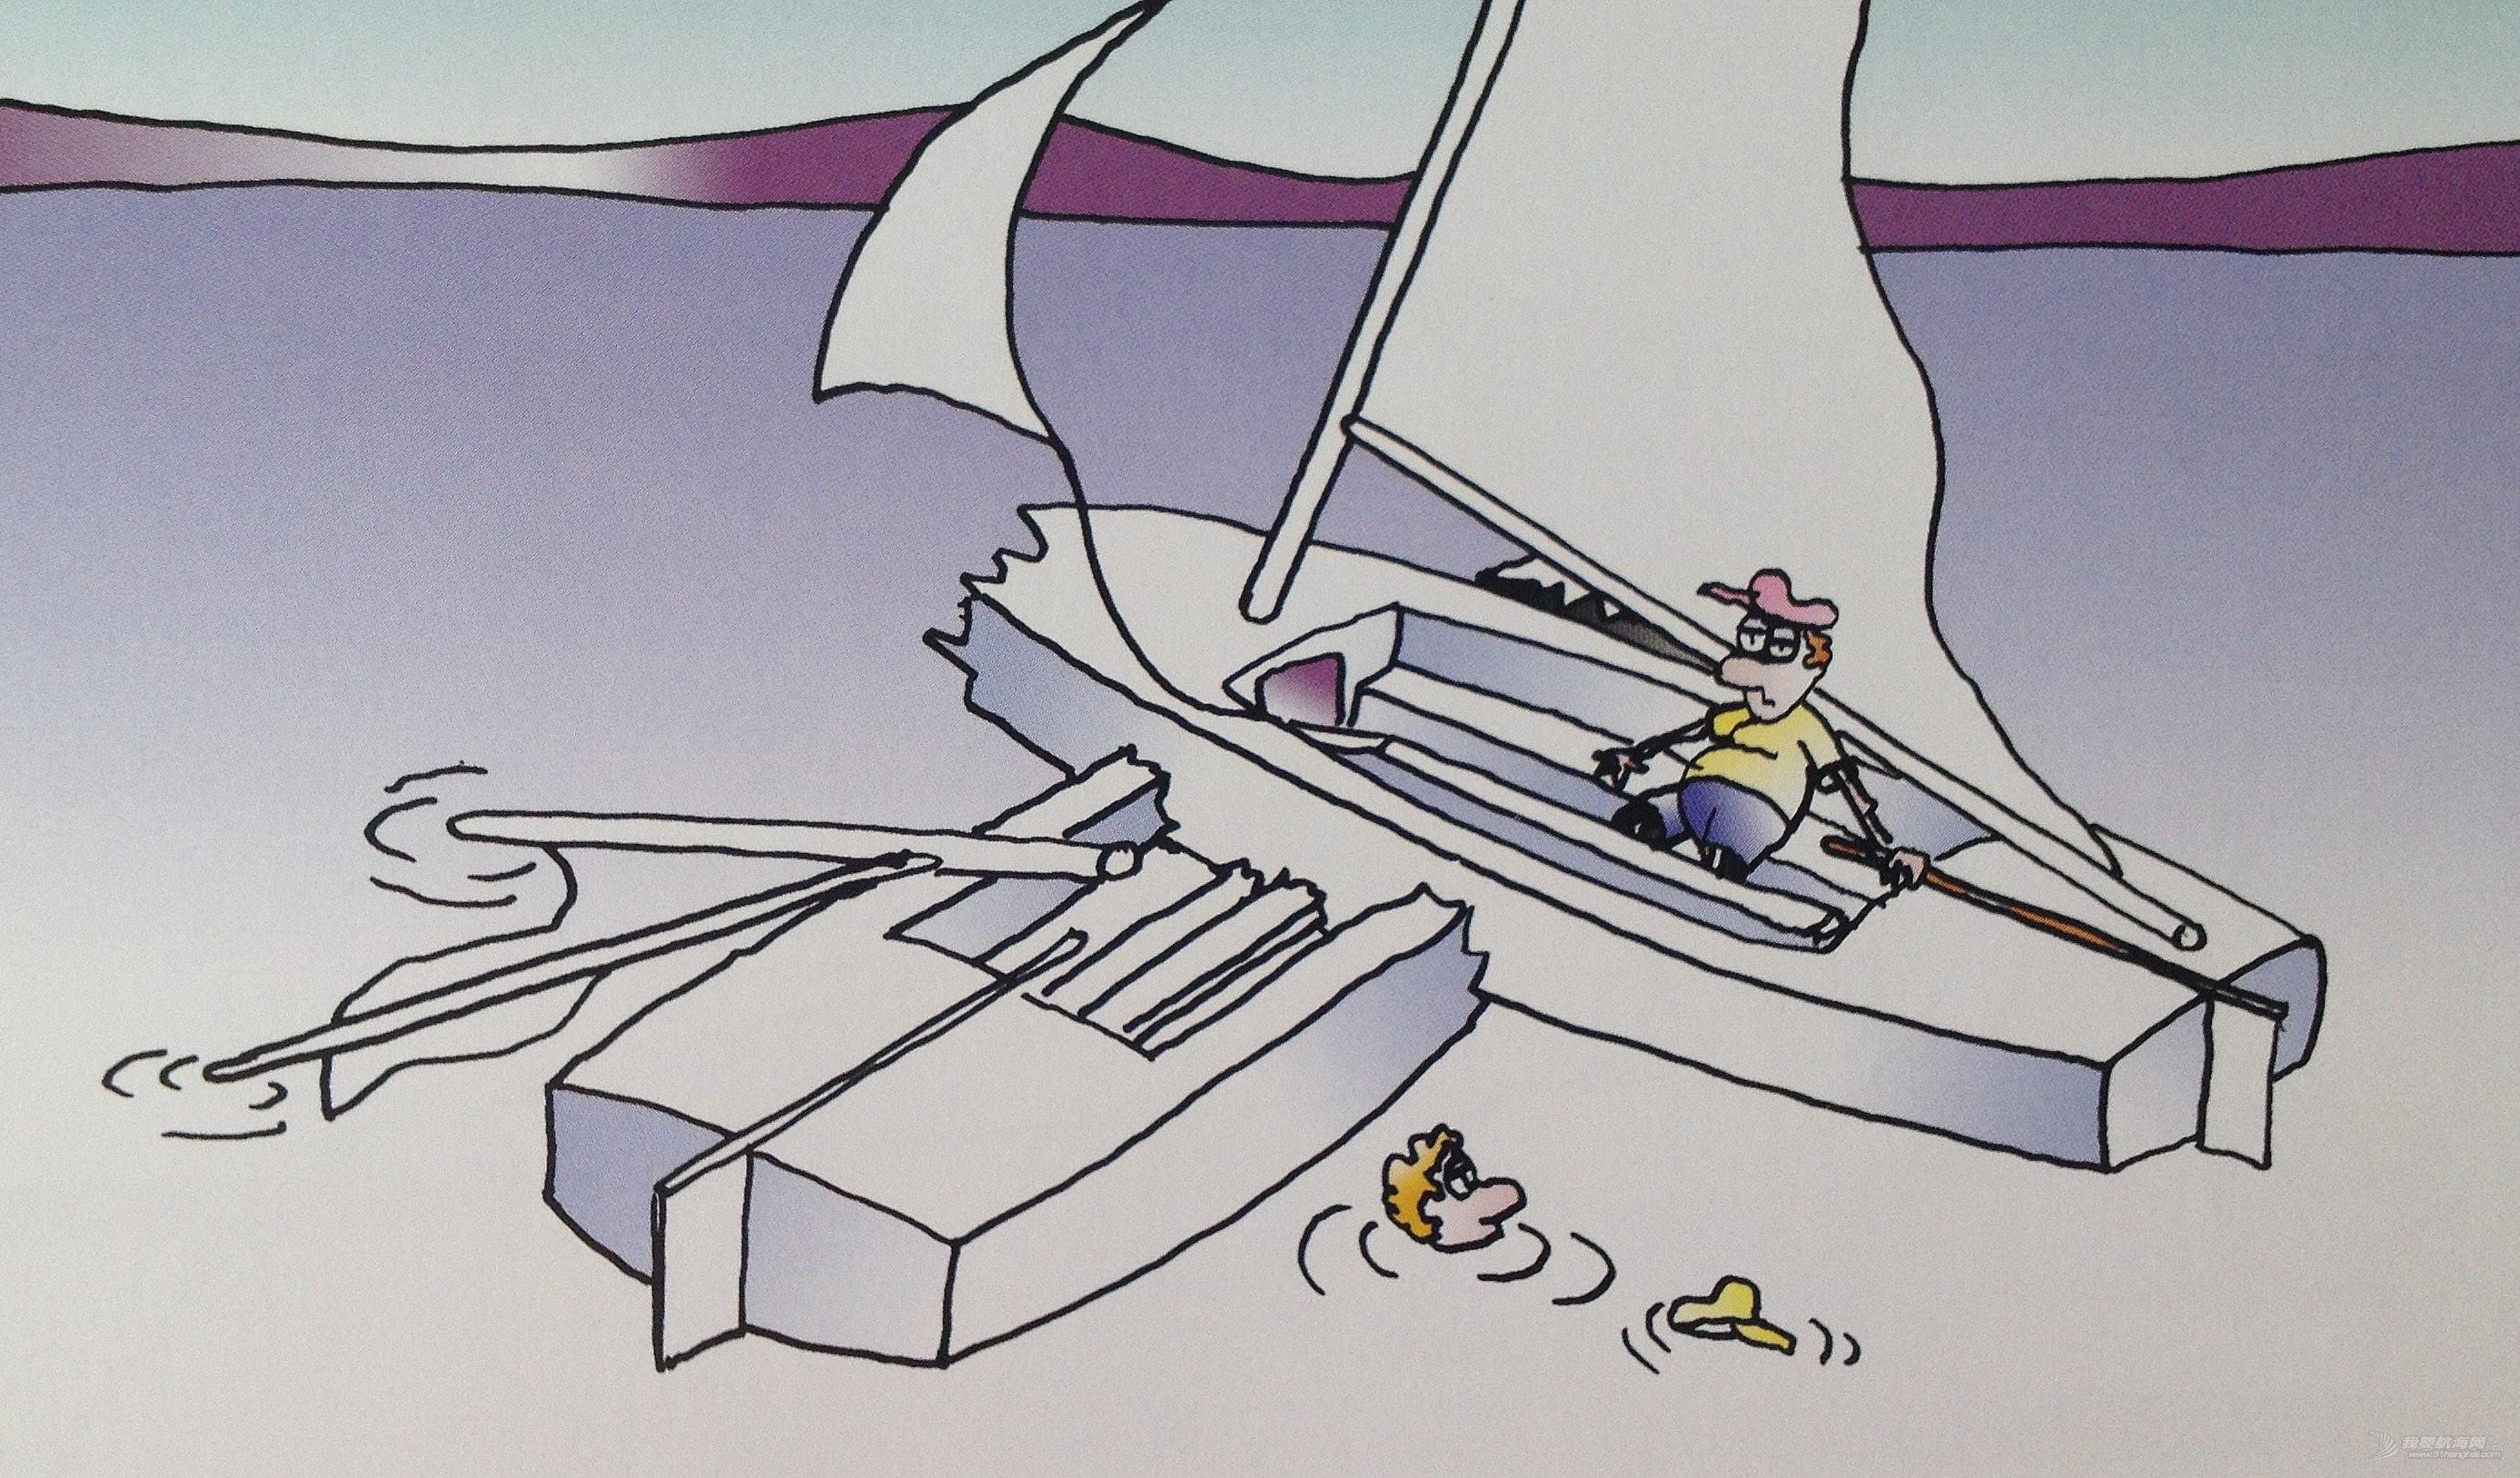 帆船 重温各种帆船规则:左舷风没有避让右舷风的后果